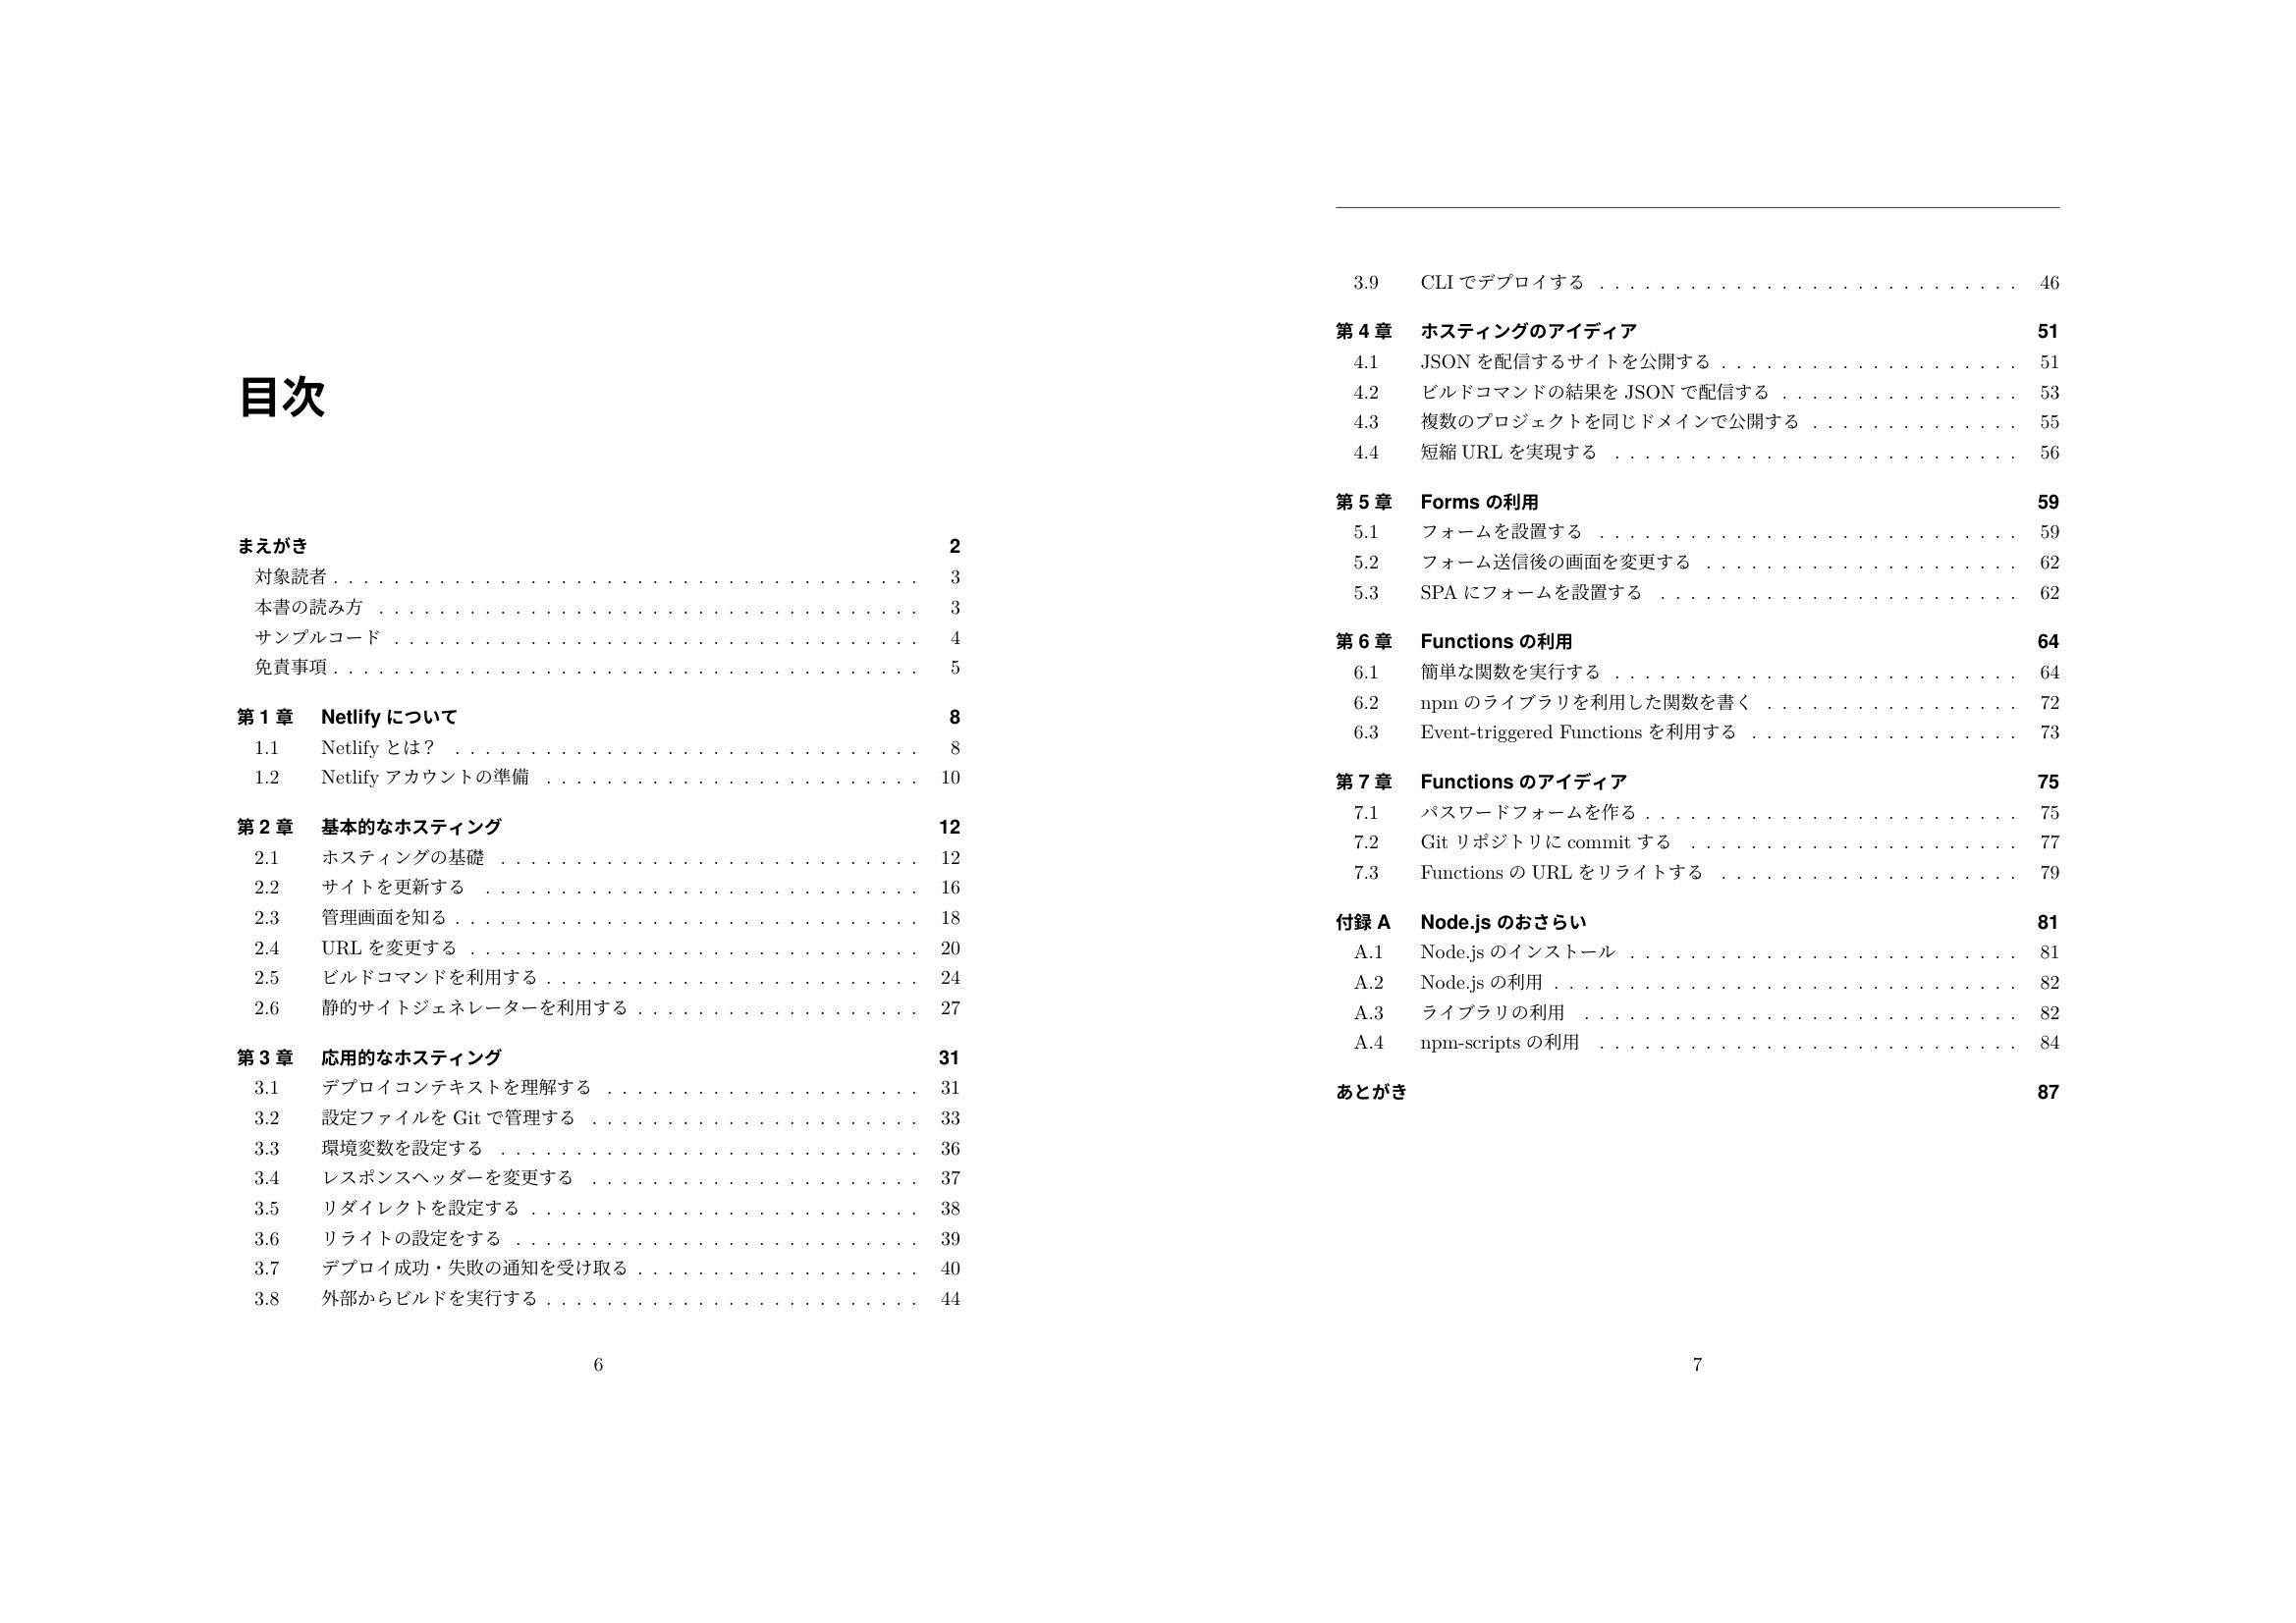 netlify-techbook-2 3.jpeg (297.7 kB)